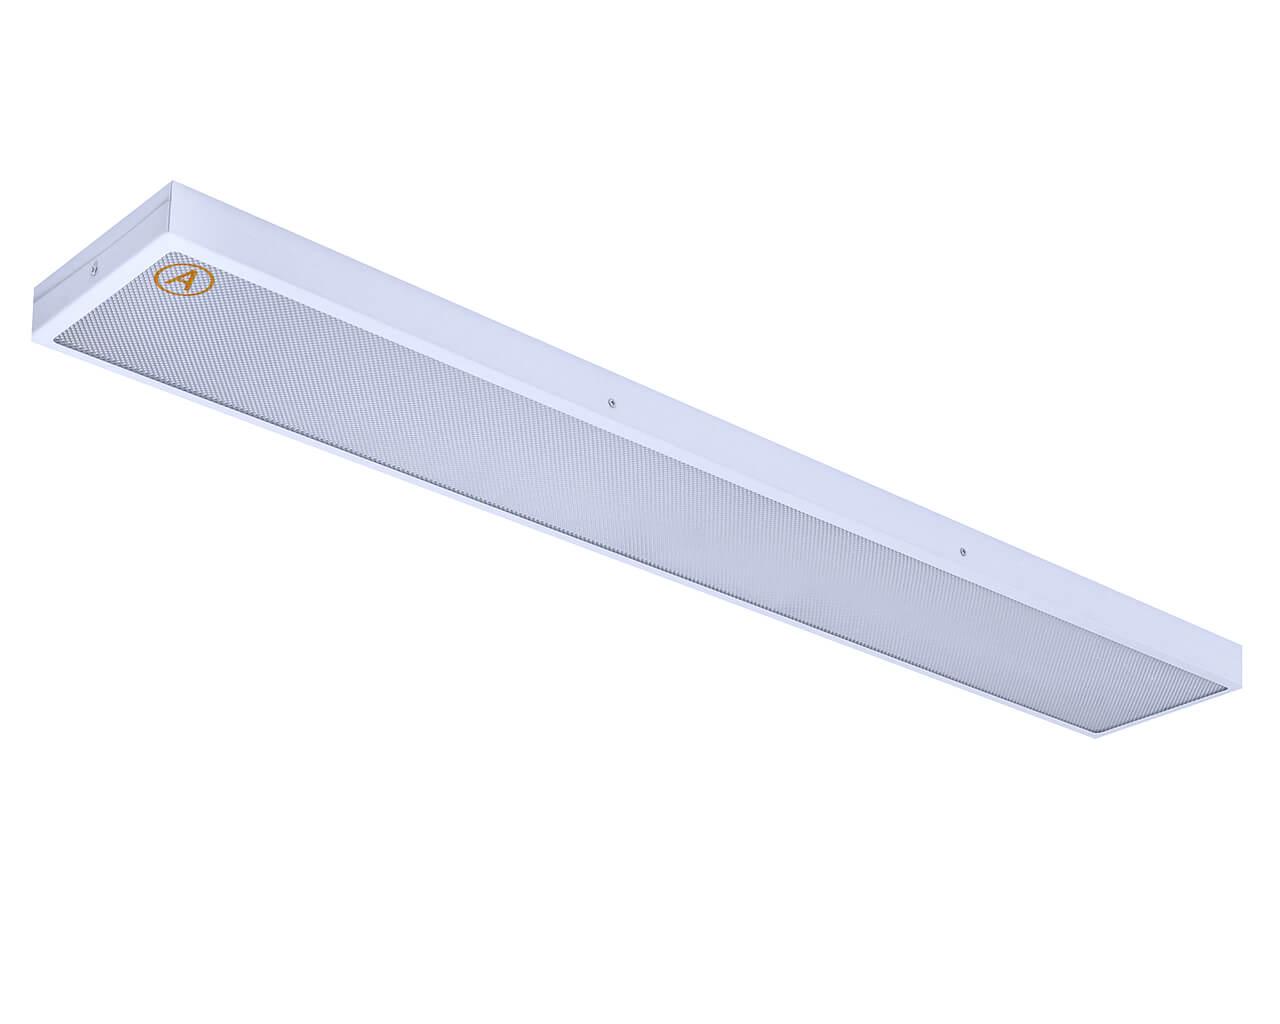 Накладной светильник LC-NS-SIP-60 1195x180 IP65 Теплый белый Призма с Бап 3 часа